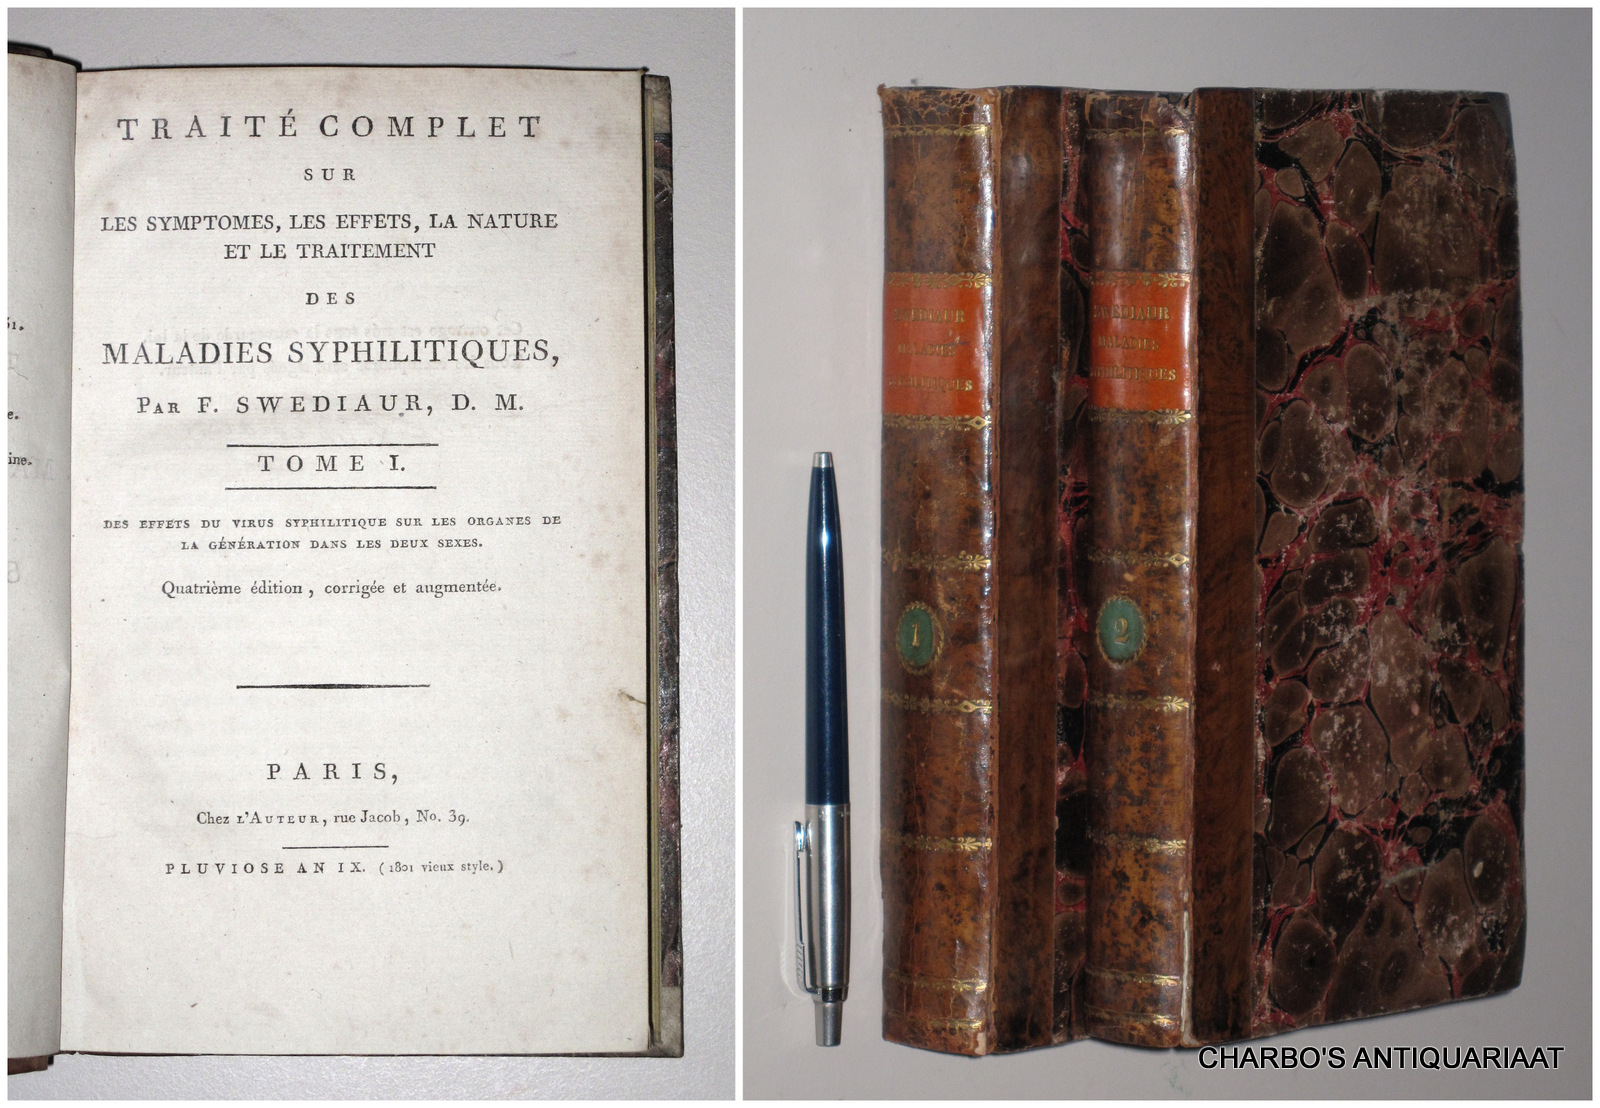 SWEDIAUR, F., -  Traité complet sur les symptomes, les effets, la nature et le traitement des maladies syphilitiques. (2 vol. set).